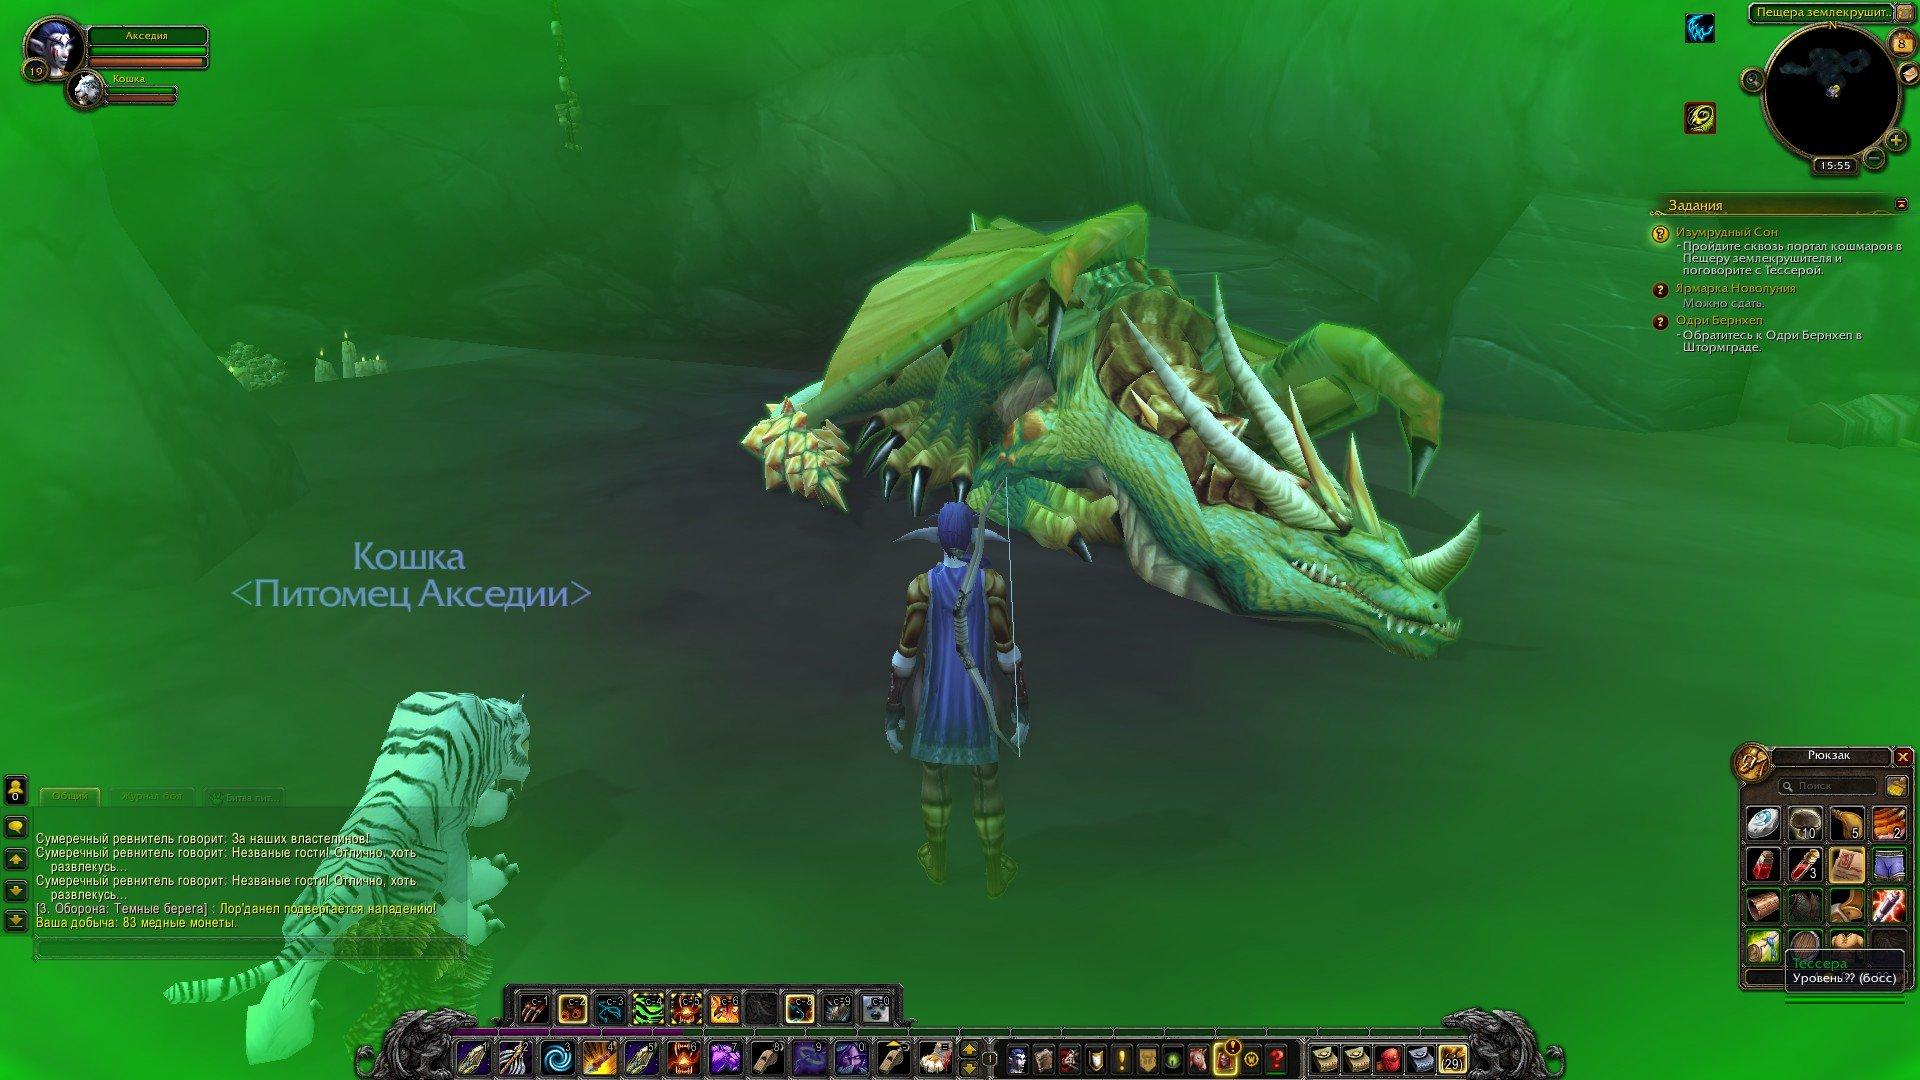 Путешествие по World of Warcraft ... Ночной Эльф. Глава 2. - Изображение 17